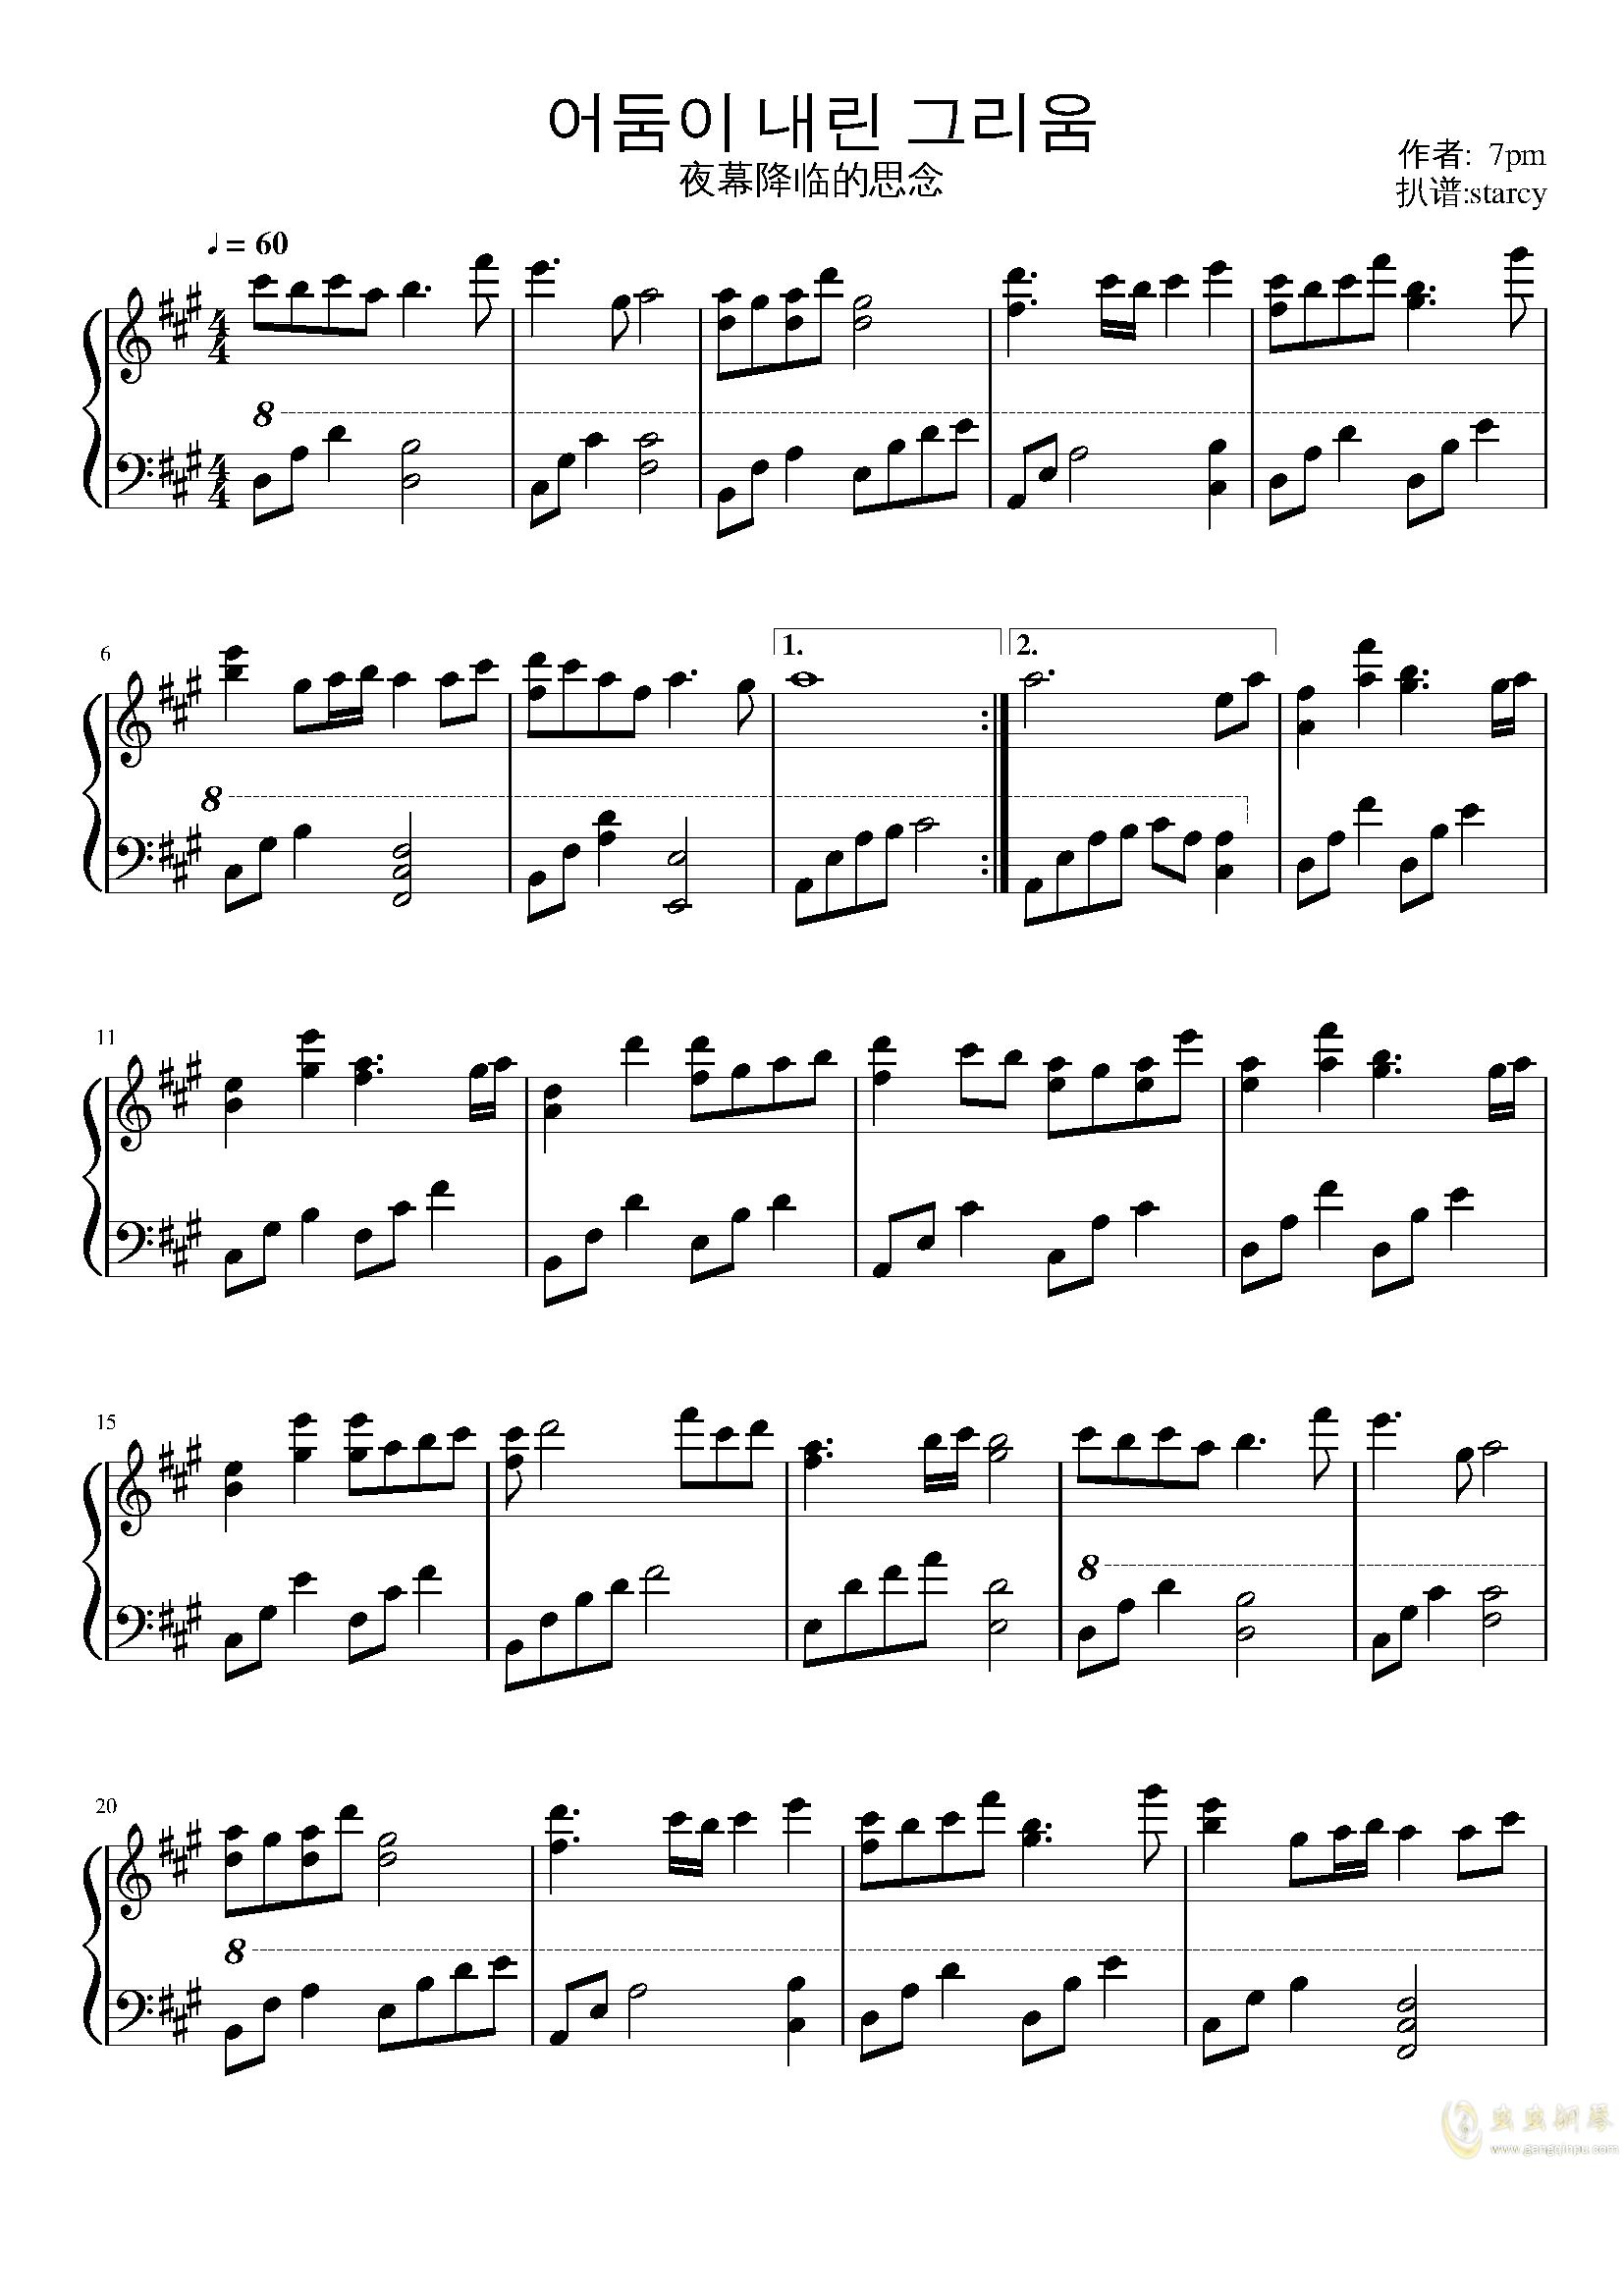 夜幕降临的思念钢琴谱 第1页